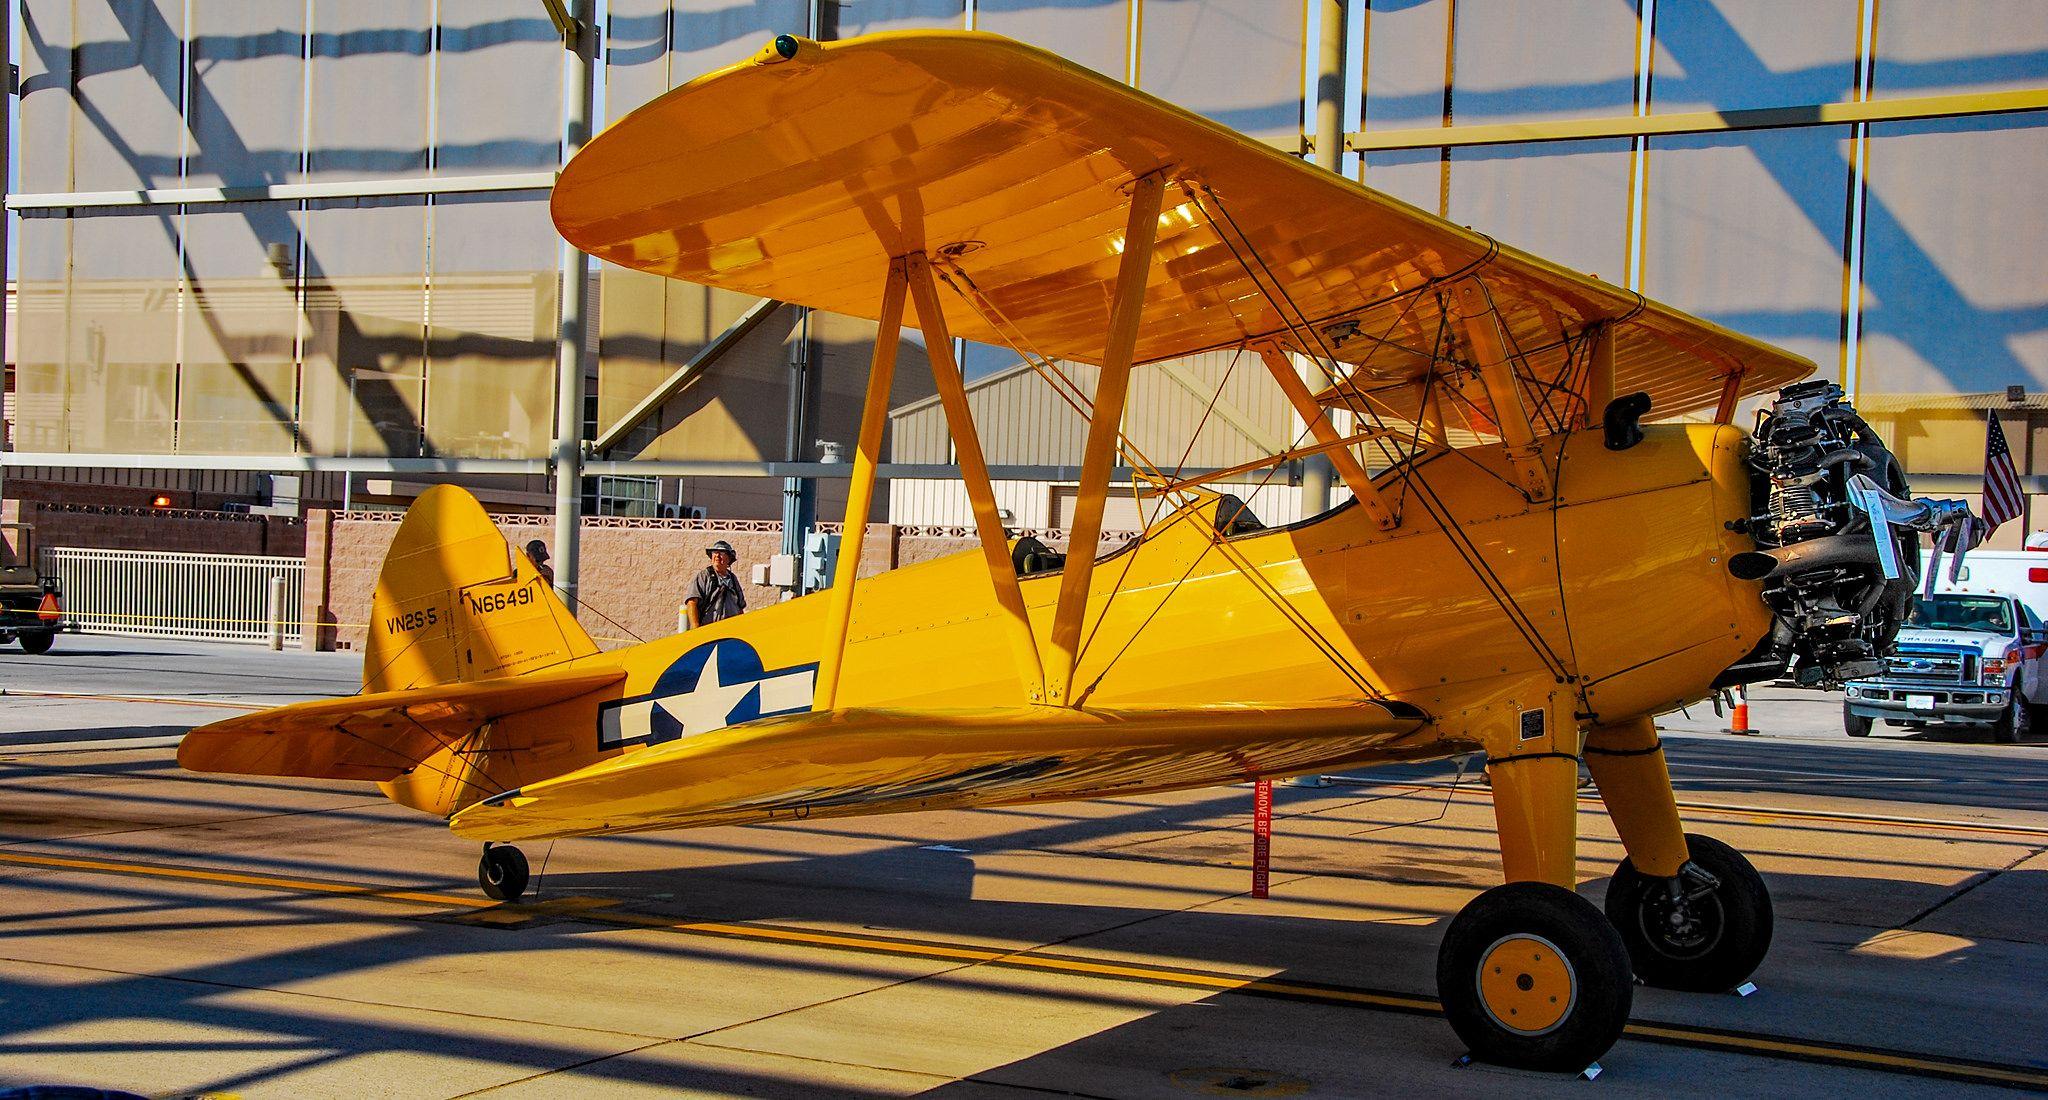 https://flic.kr/p/PD7K2Y | N66491 1943 Boeing E75 C/N 75-8662 | Las Vegas - Nellis AFB (LSV / KLSV) Aviation Nation 2016 Air Show USA - Nevada, November 12, 2016 Photo: TDelCoro